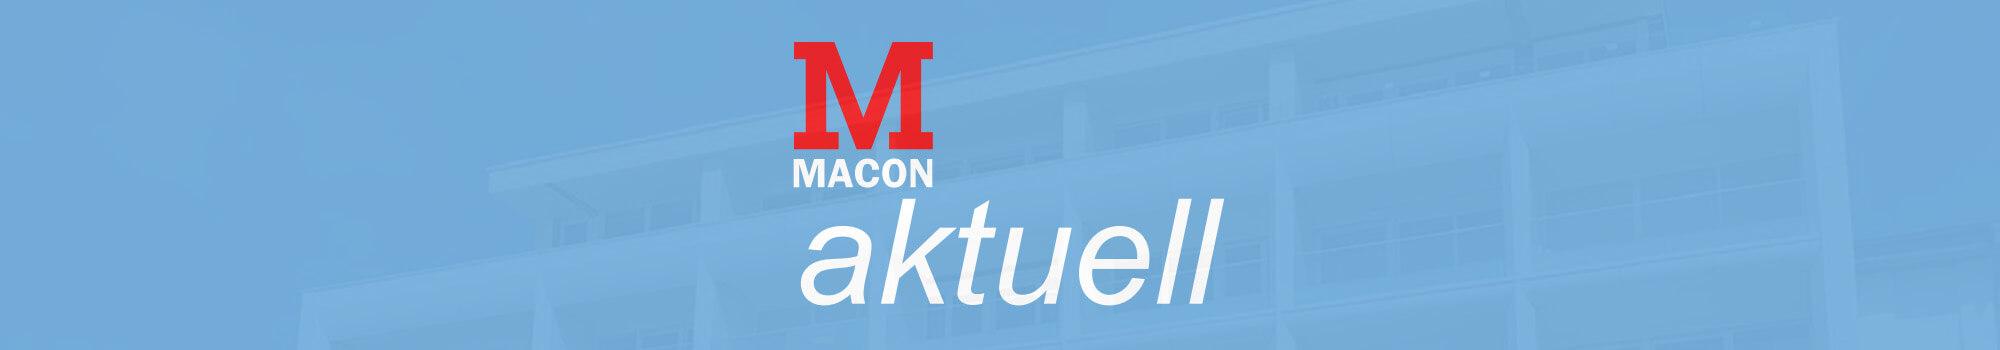 MACON aktuell, Zeitschrift der MACON BAU GmbH Magdeburg